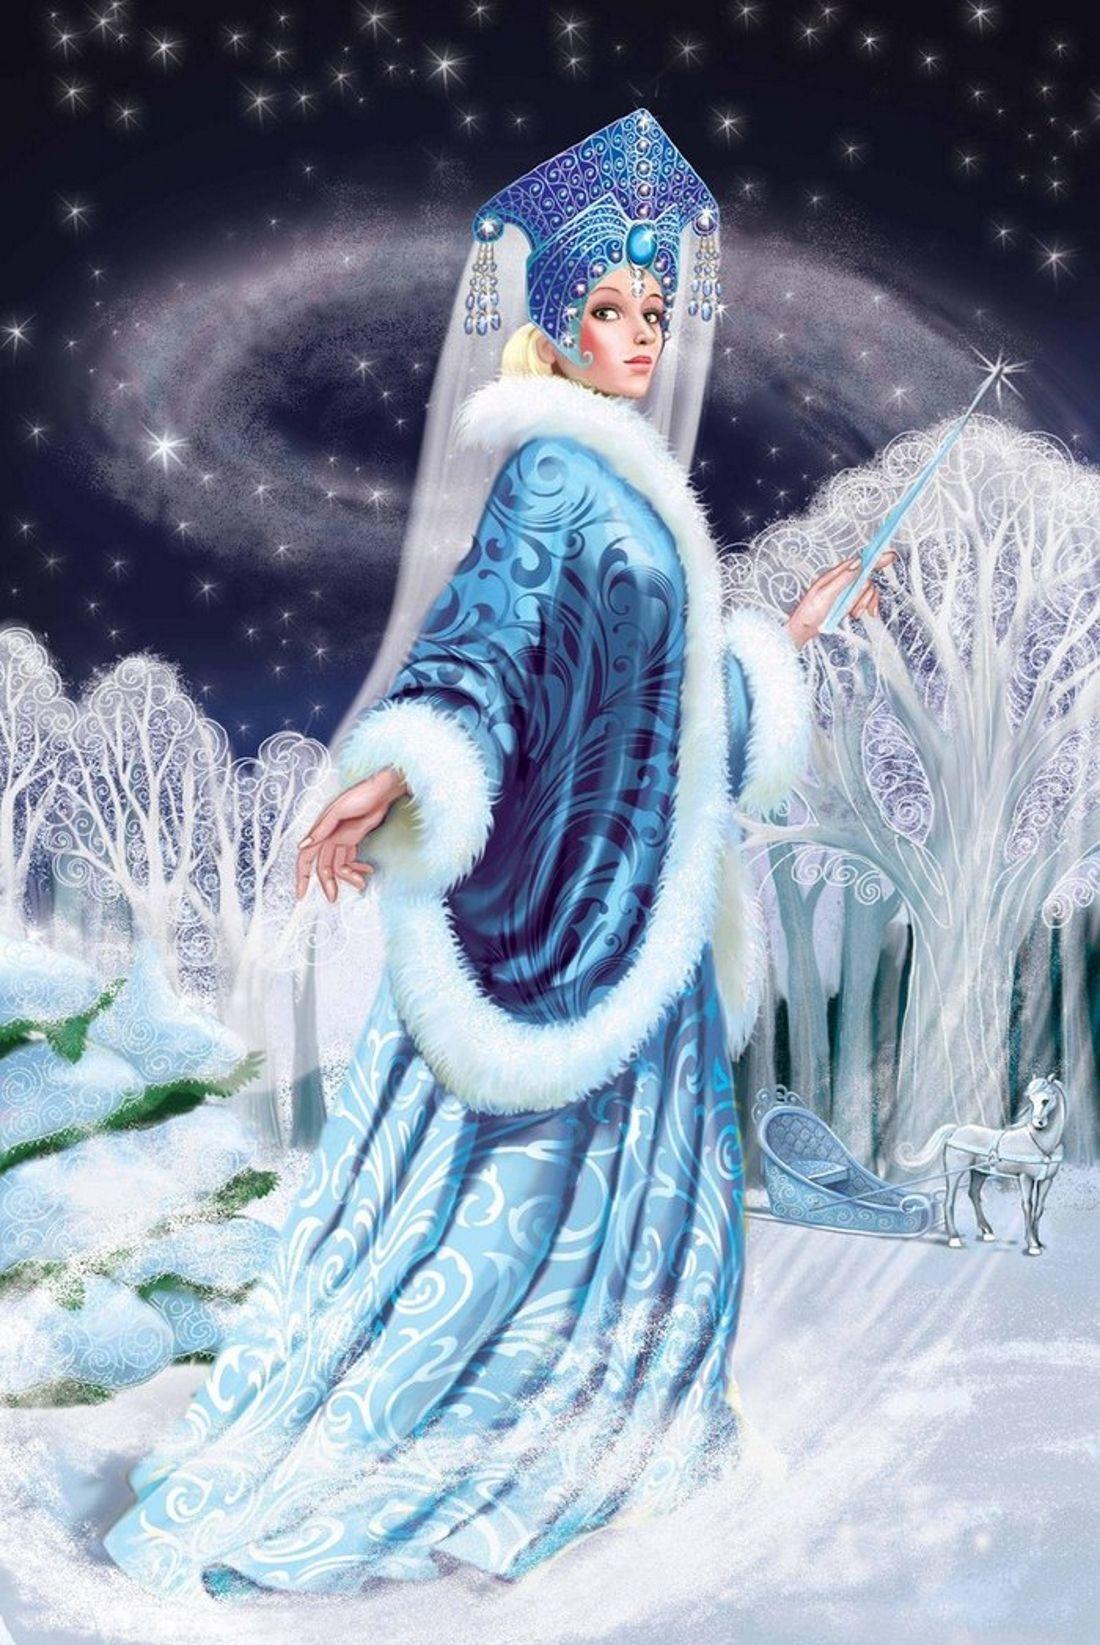 Картинки Снежная королева для мальчиков: распечатать или ...